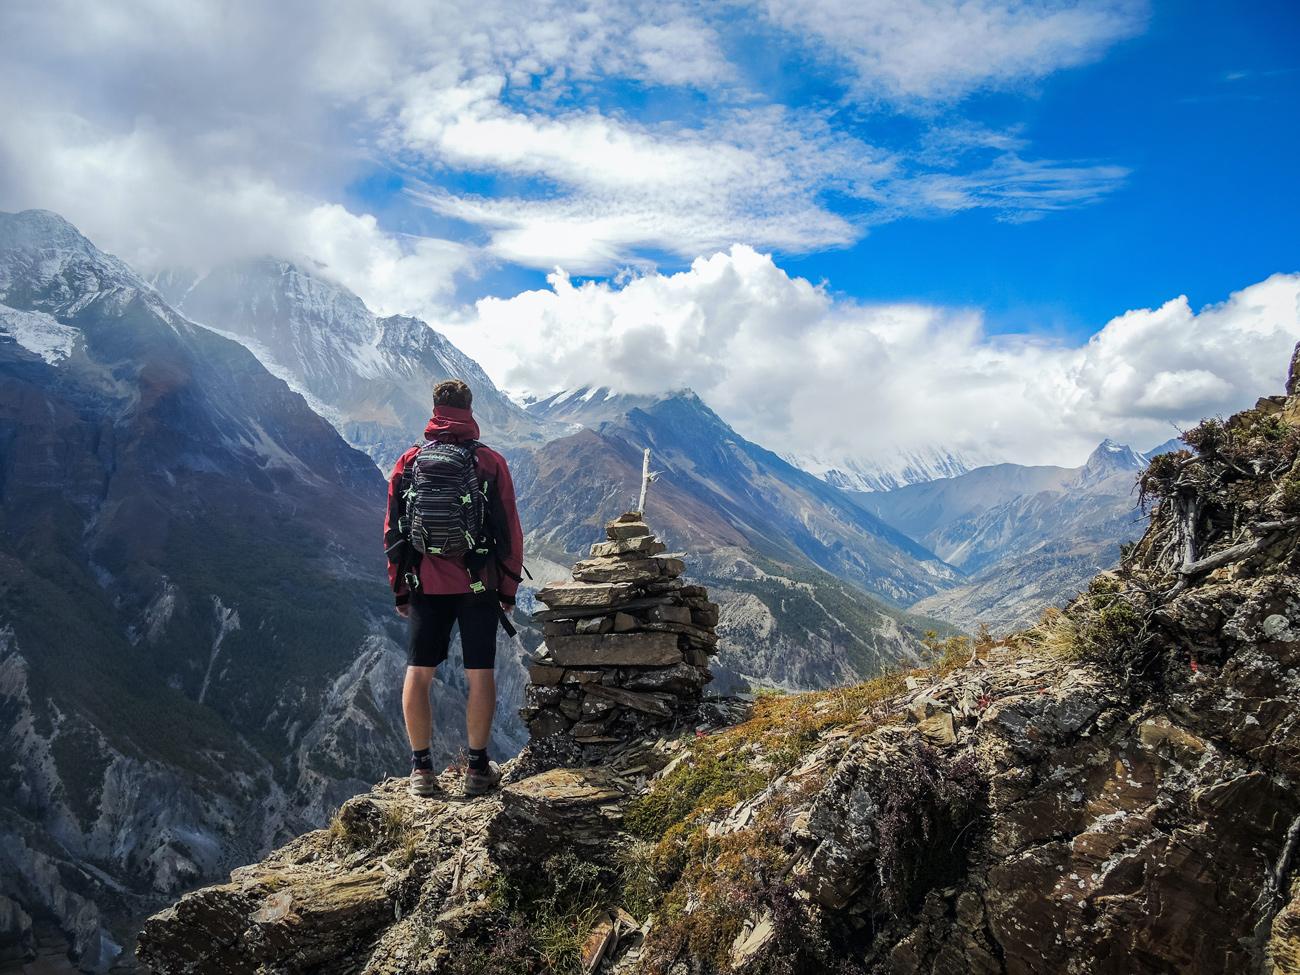 🌍 Lonely Planet склали рейтинг місць, які варто відвідати після карантину — Йорданія, Еквадор та інші